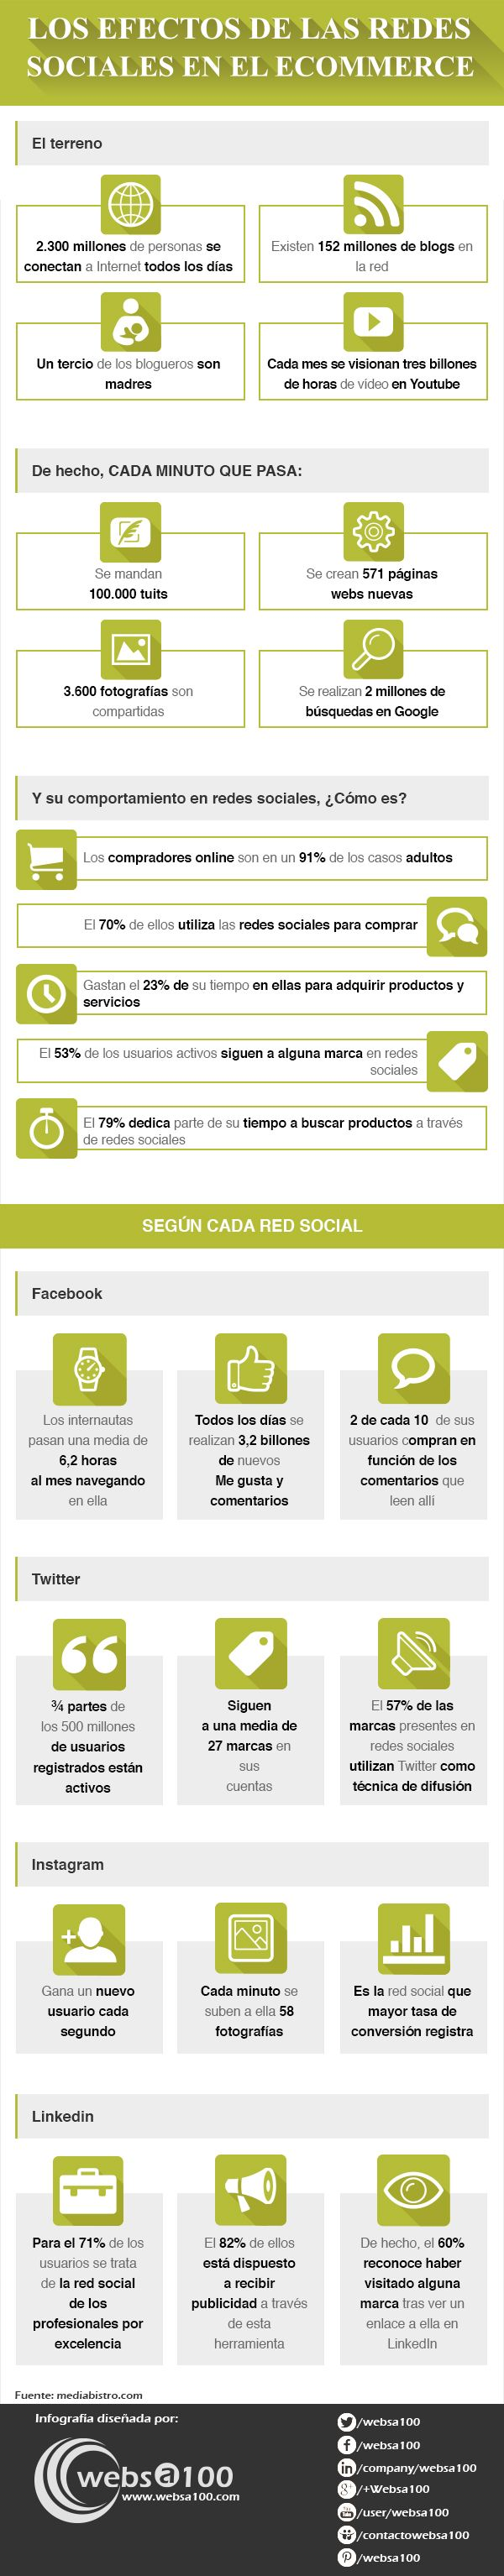 Efectos de las redes sociales en el comercio eletrónico